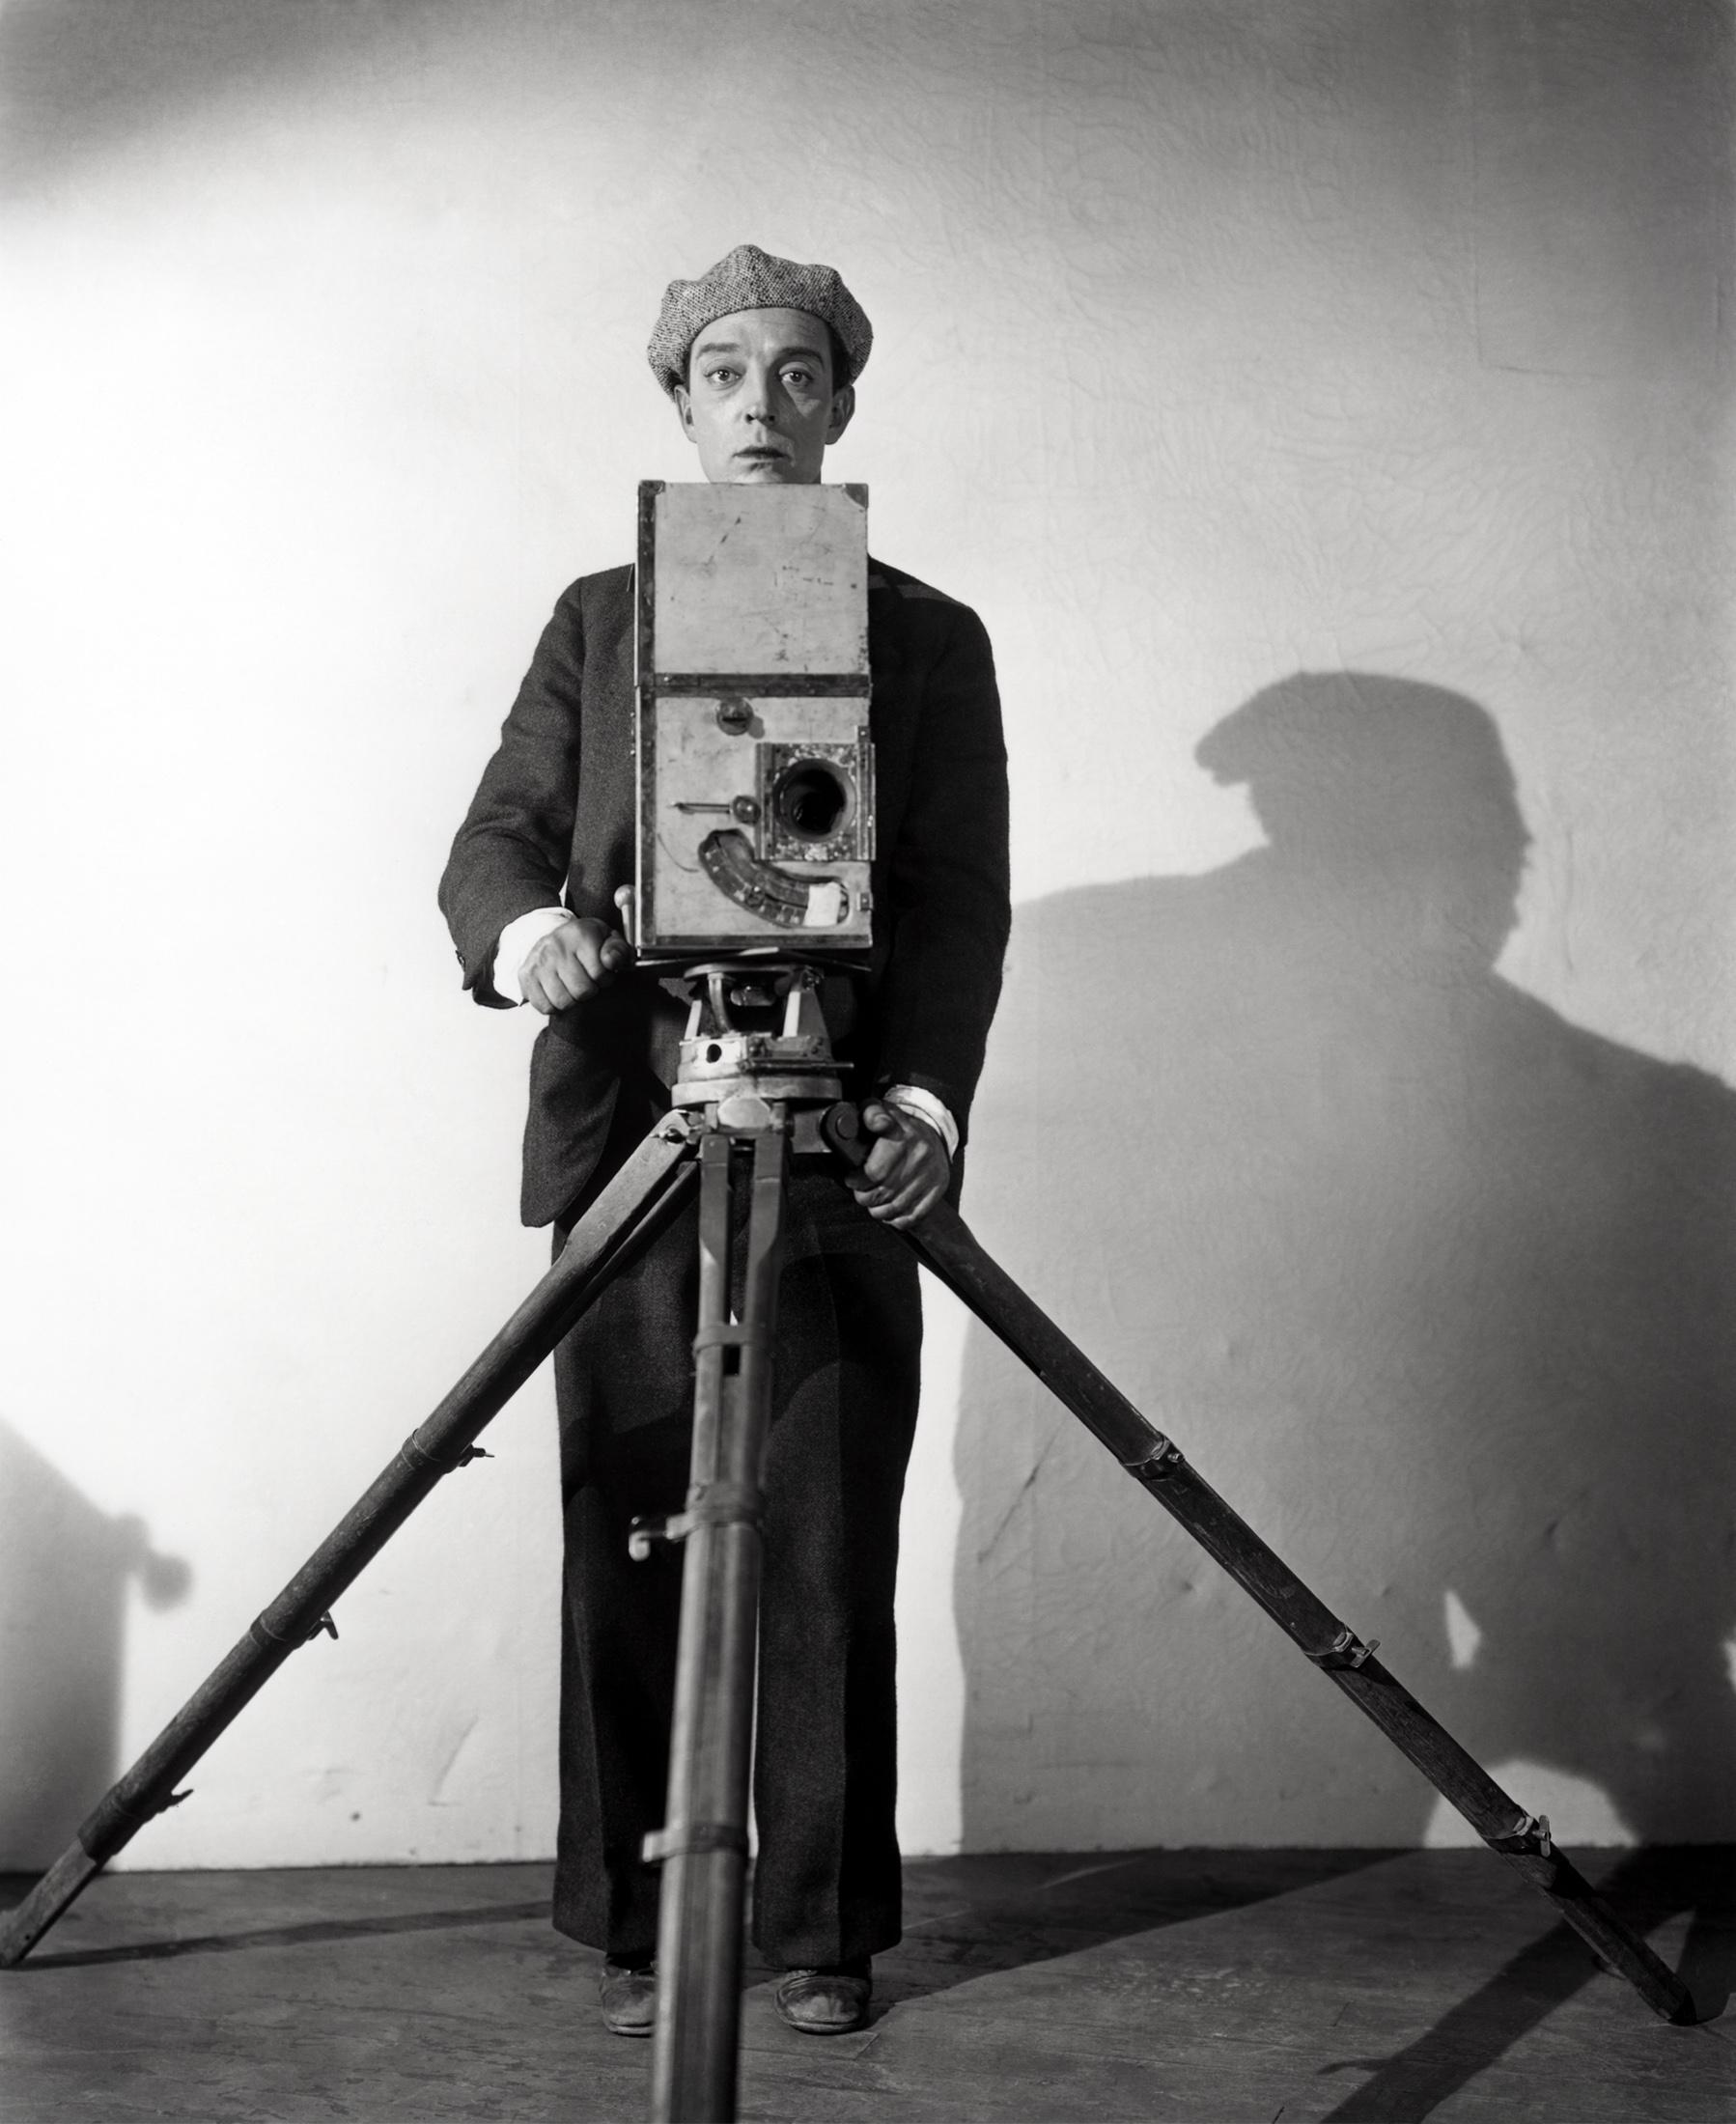 Le Cameraman - Keaton Buster